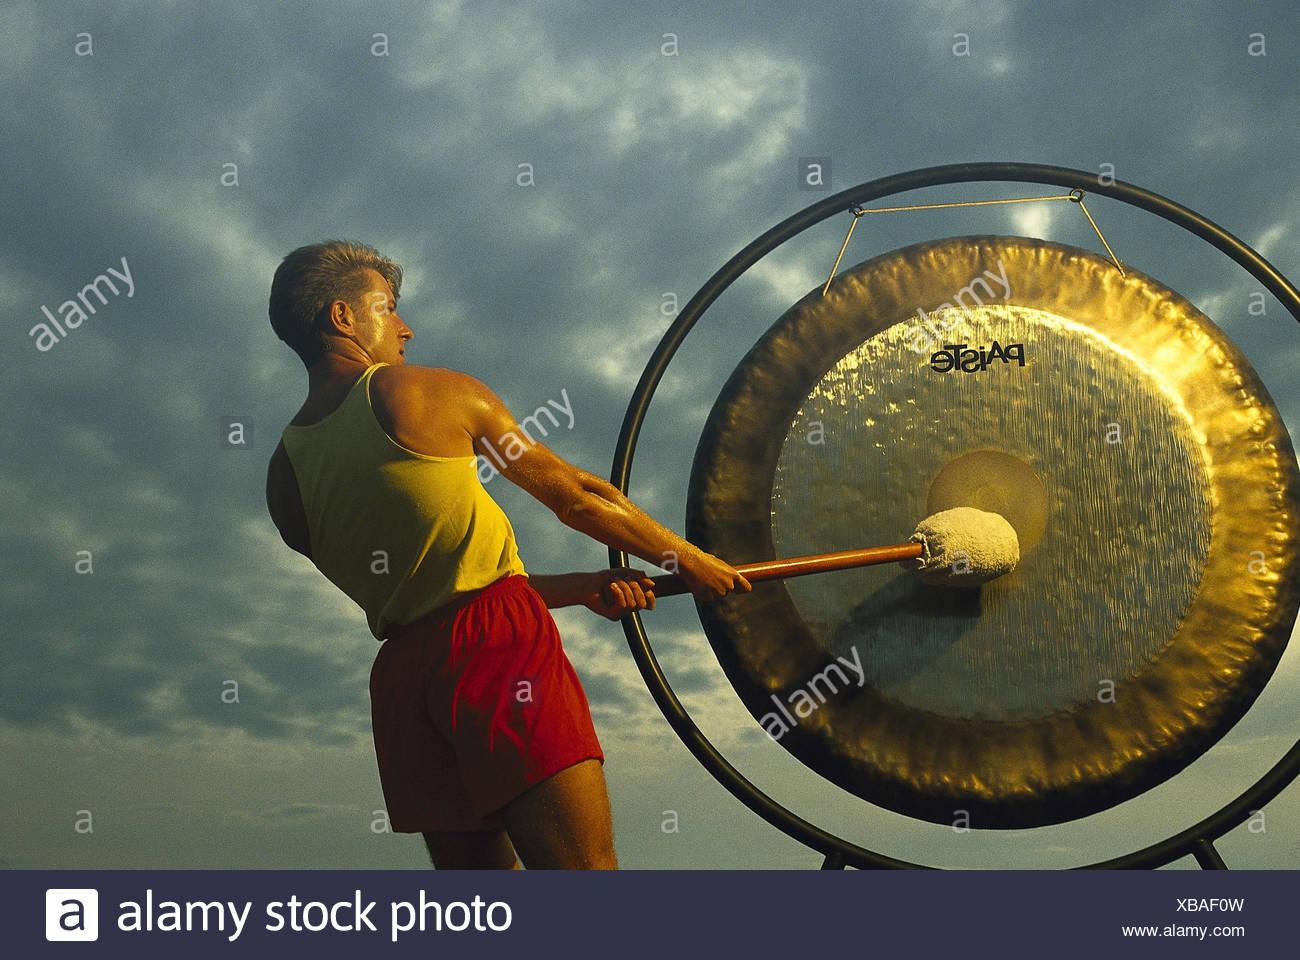 L'uomo, gong, hit, segnale, tono, cultura, tradizione, in cinese, asiatici, martello, colpo, in gran parte, intorno, ottone, bronzo, Immagini Stock